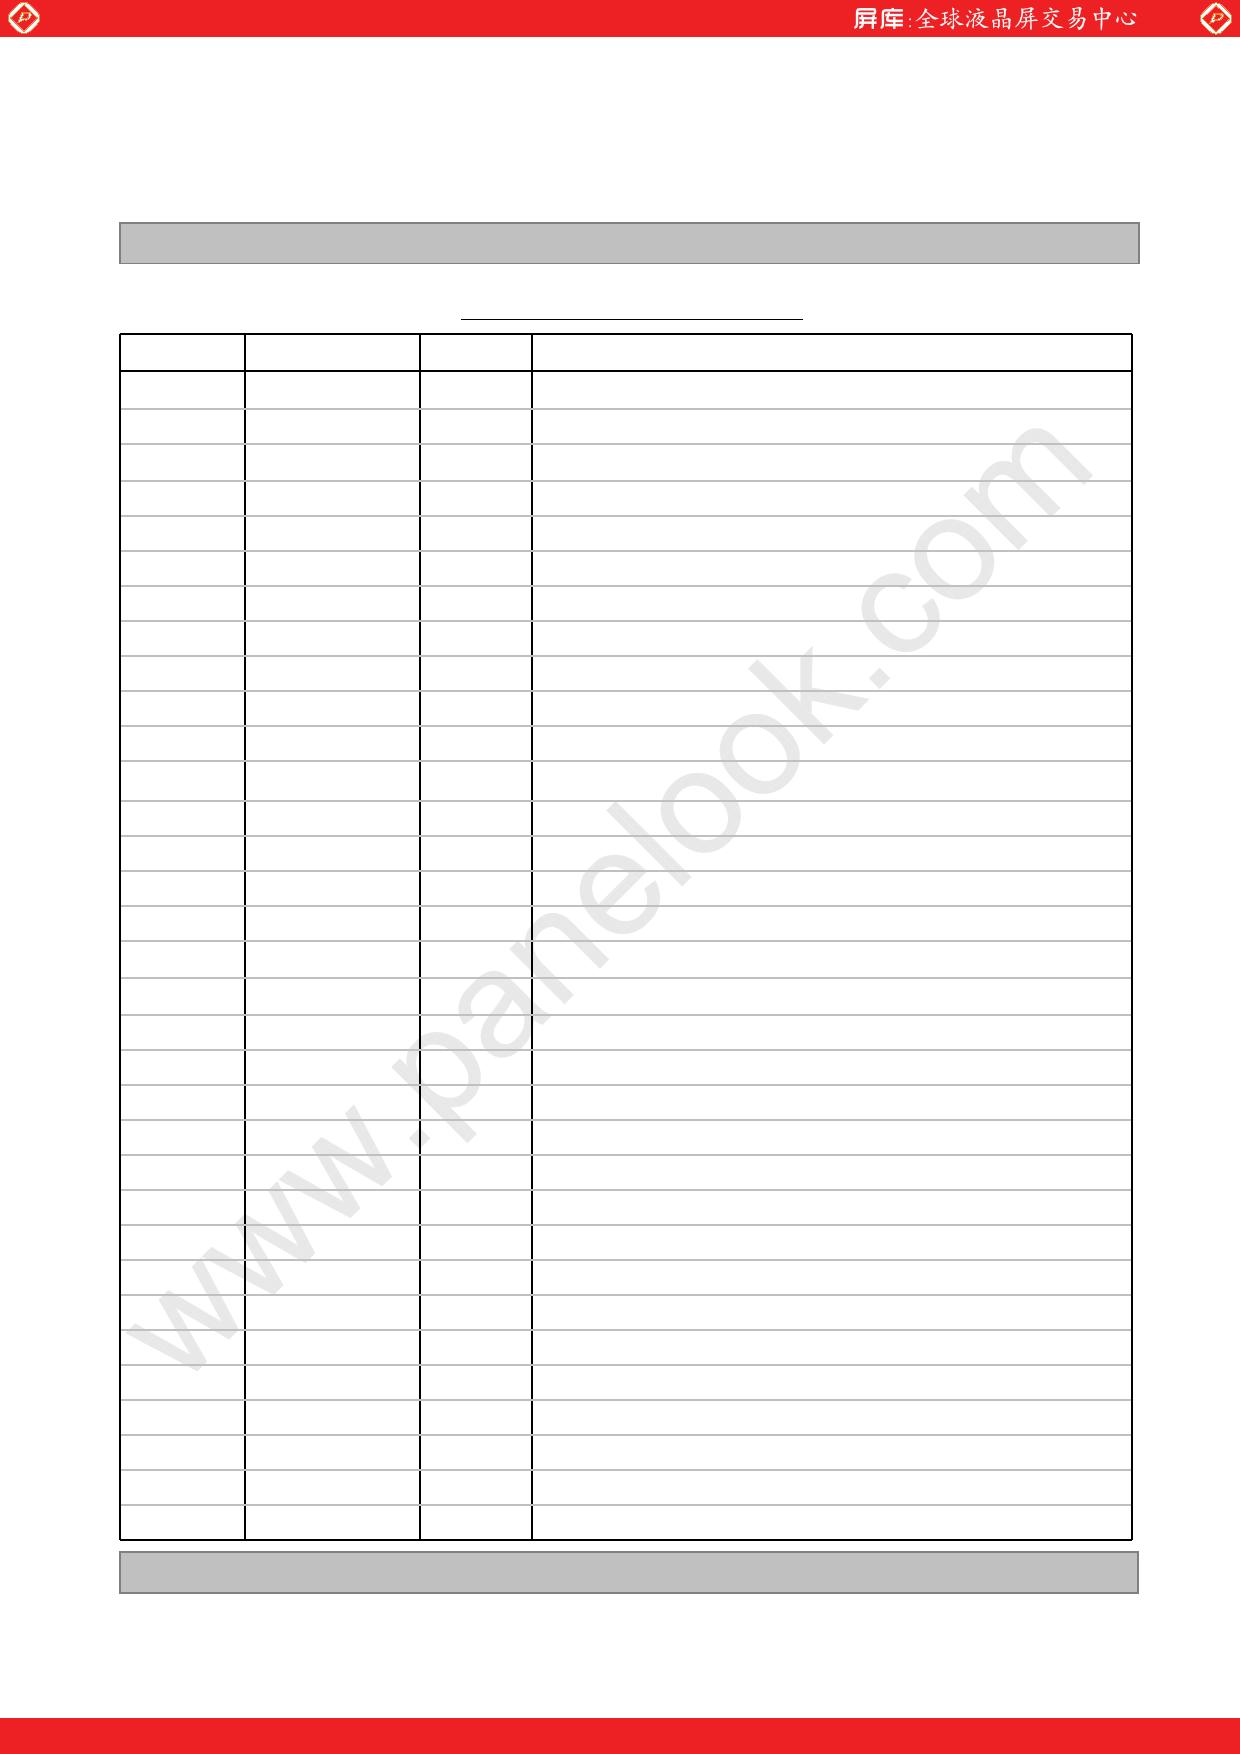 LC720DUC-SCM1 pdf, ピン配列